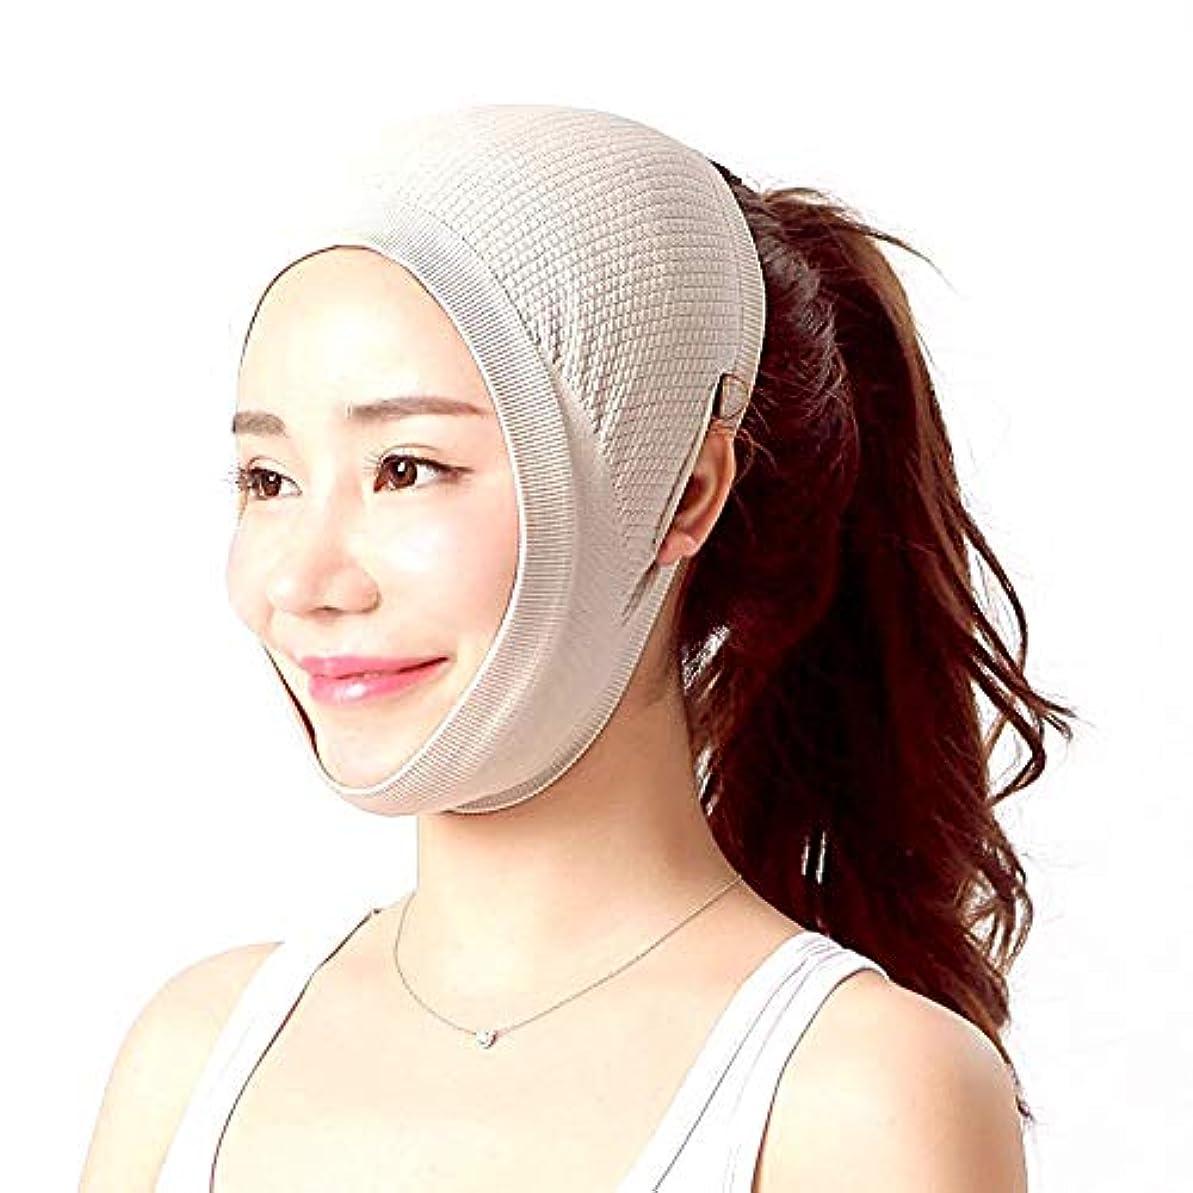 休眠文庫本魅力的飛強強 フェイスリフティングアーティファクト包帯ライン術後回復包帯リフティングフェイスフードVフェイス包帯リフティングVフェイス美容マスク - 肌のトーン スリムフィット美容ツール